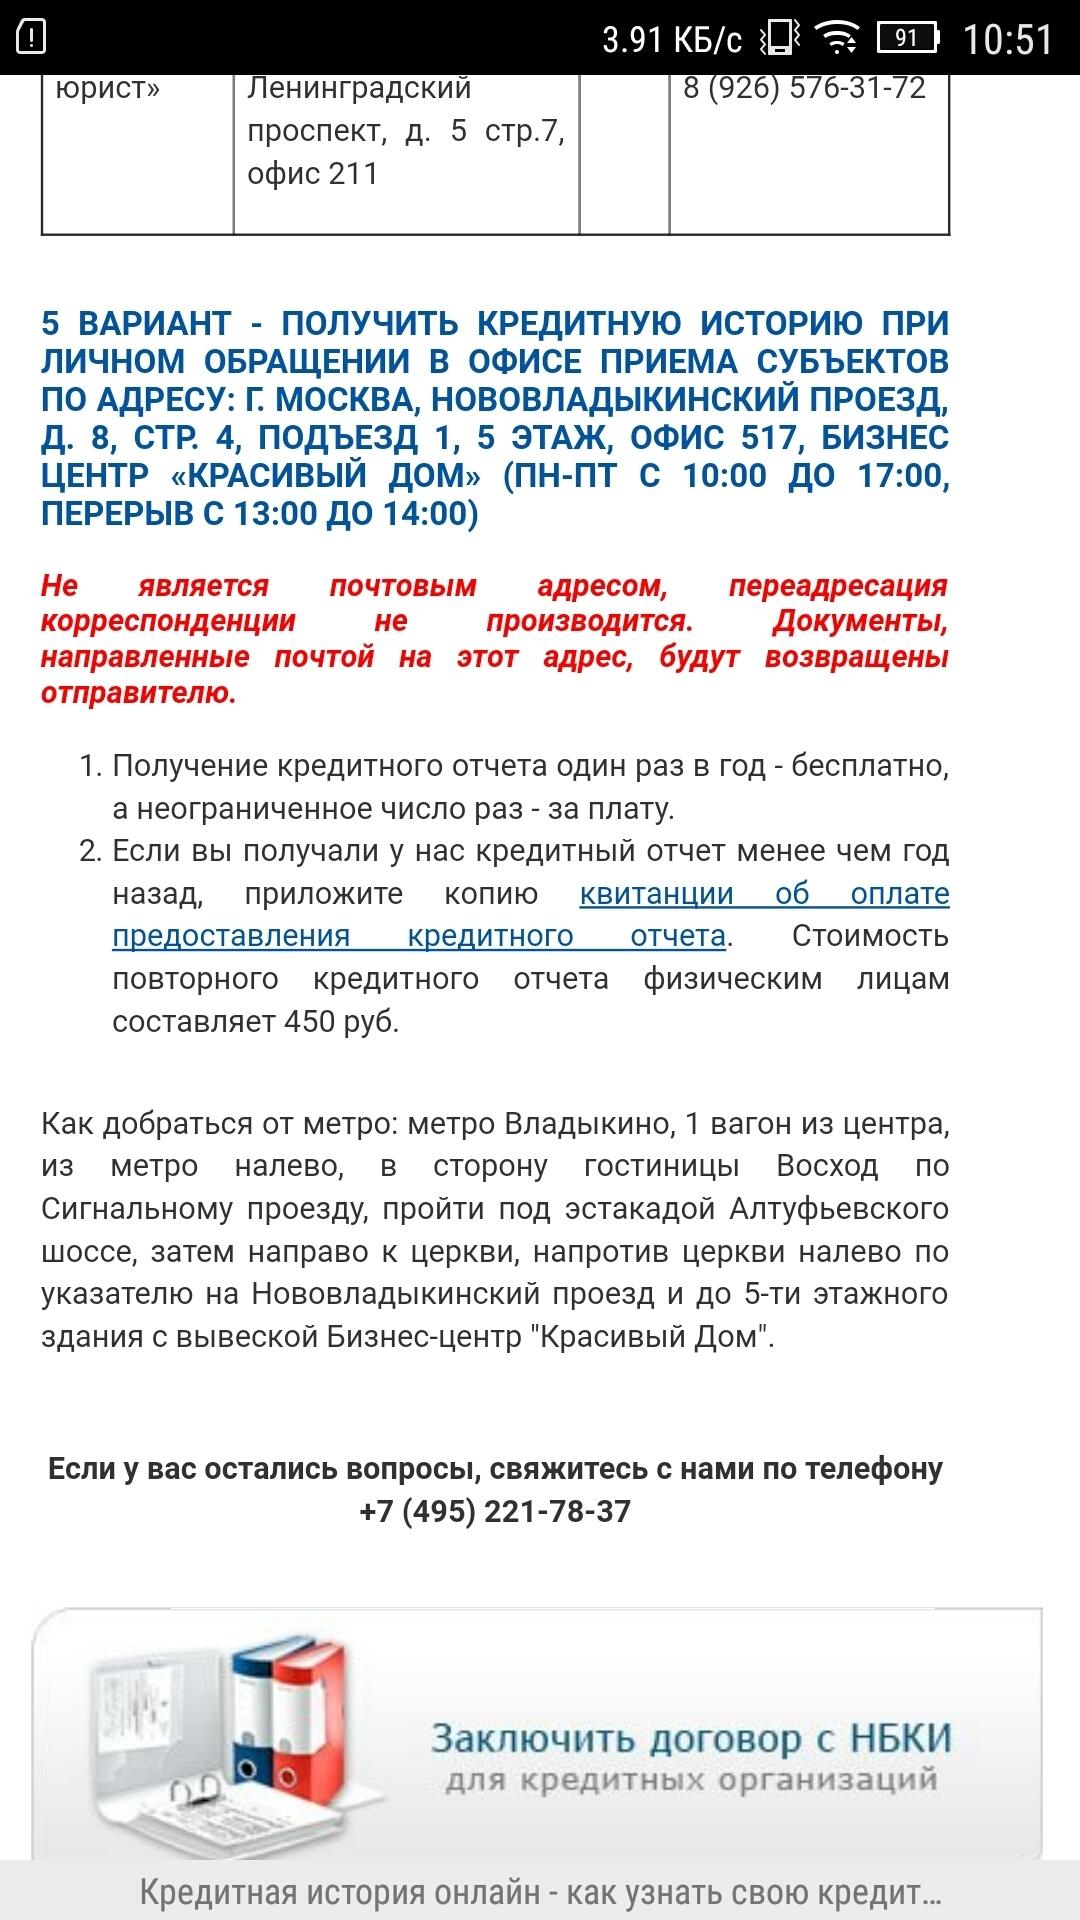 Москва документы на кредит ипотечные брокеры москва список